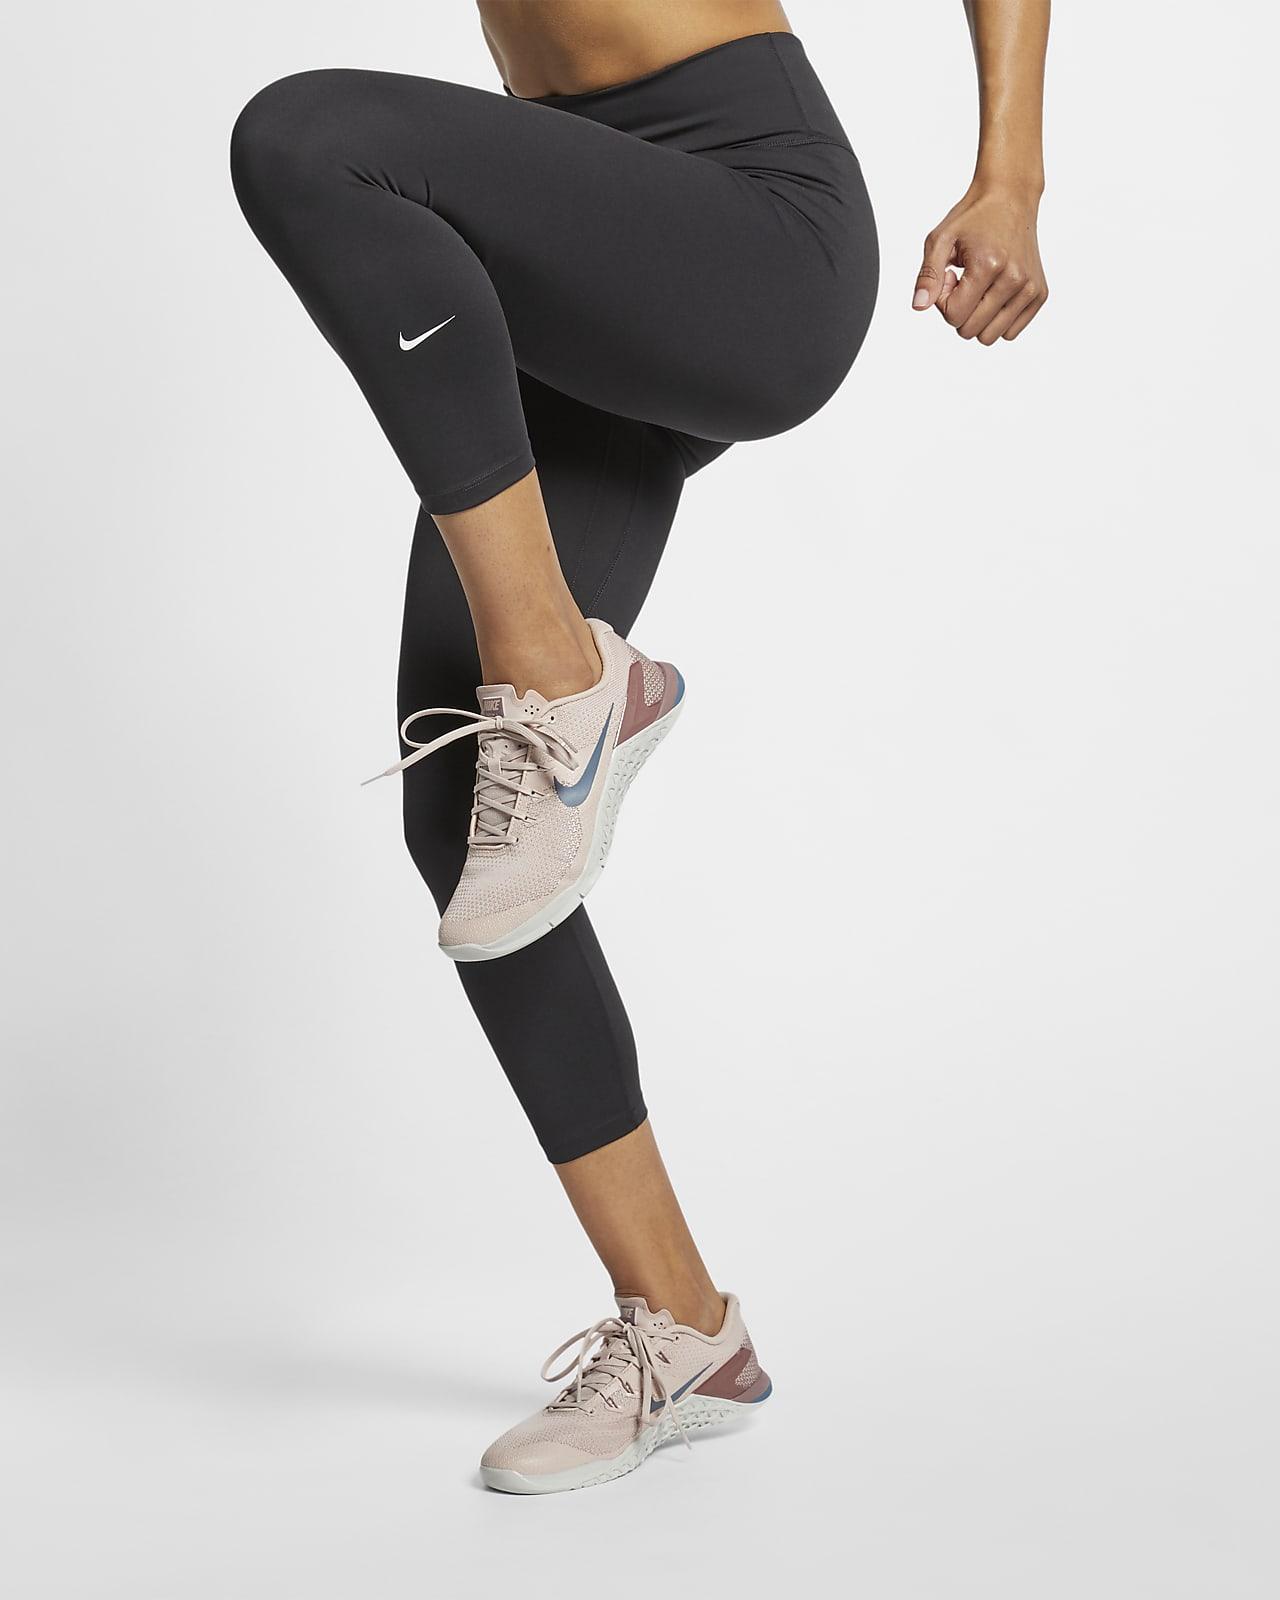 Nike One Malles de tres quarts amb cintura mitjana - Dona